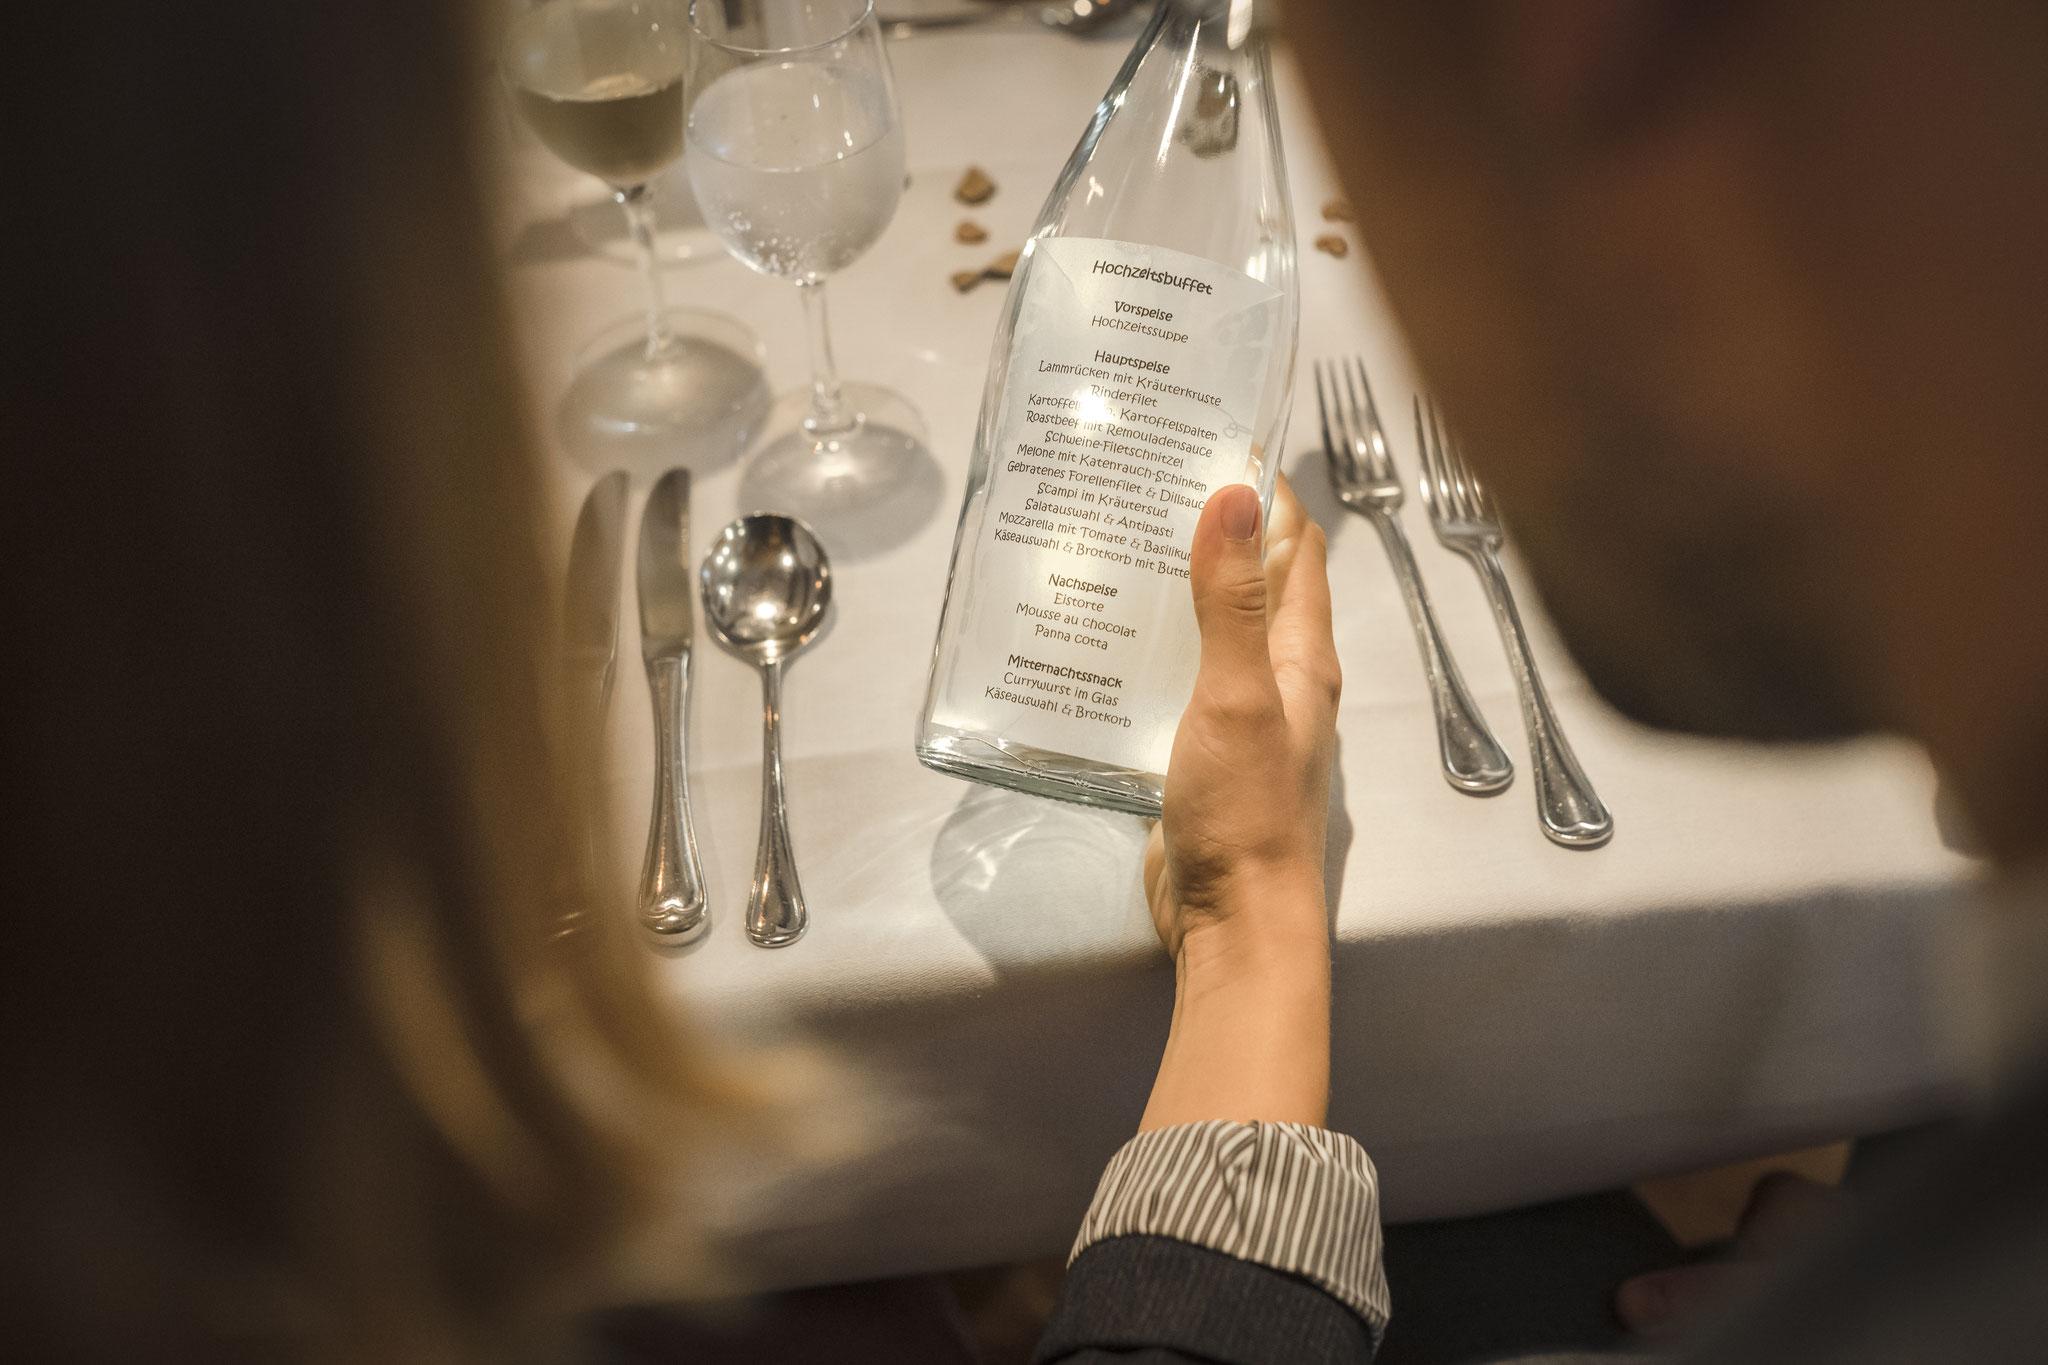 Hochzeitsbuffet oder lieber Menü?